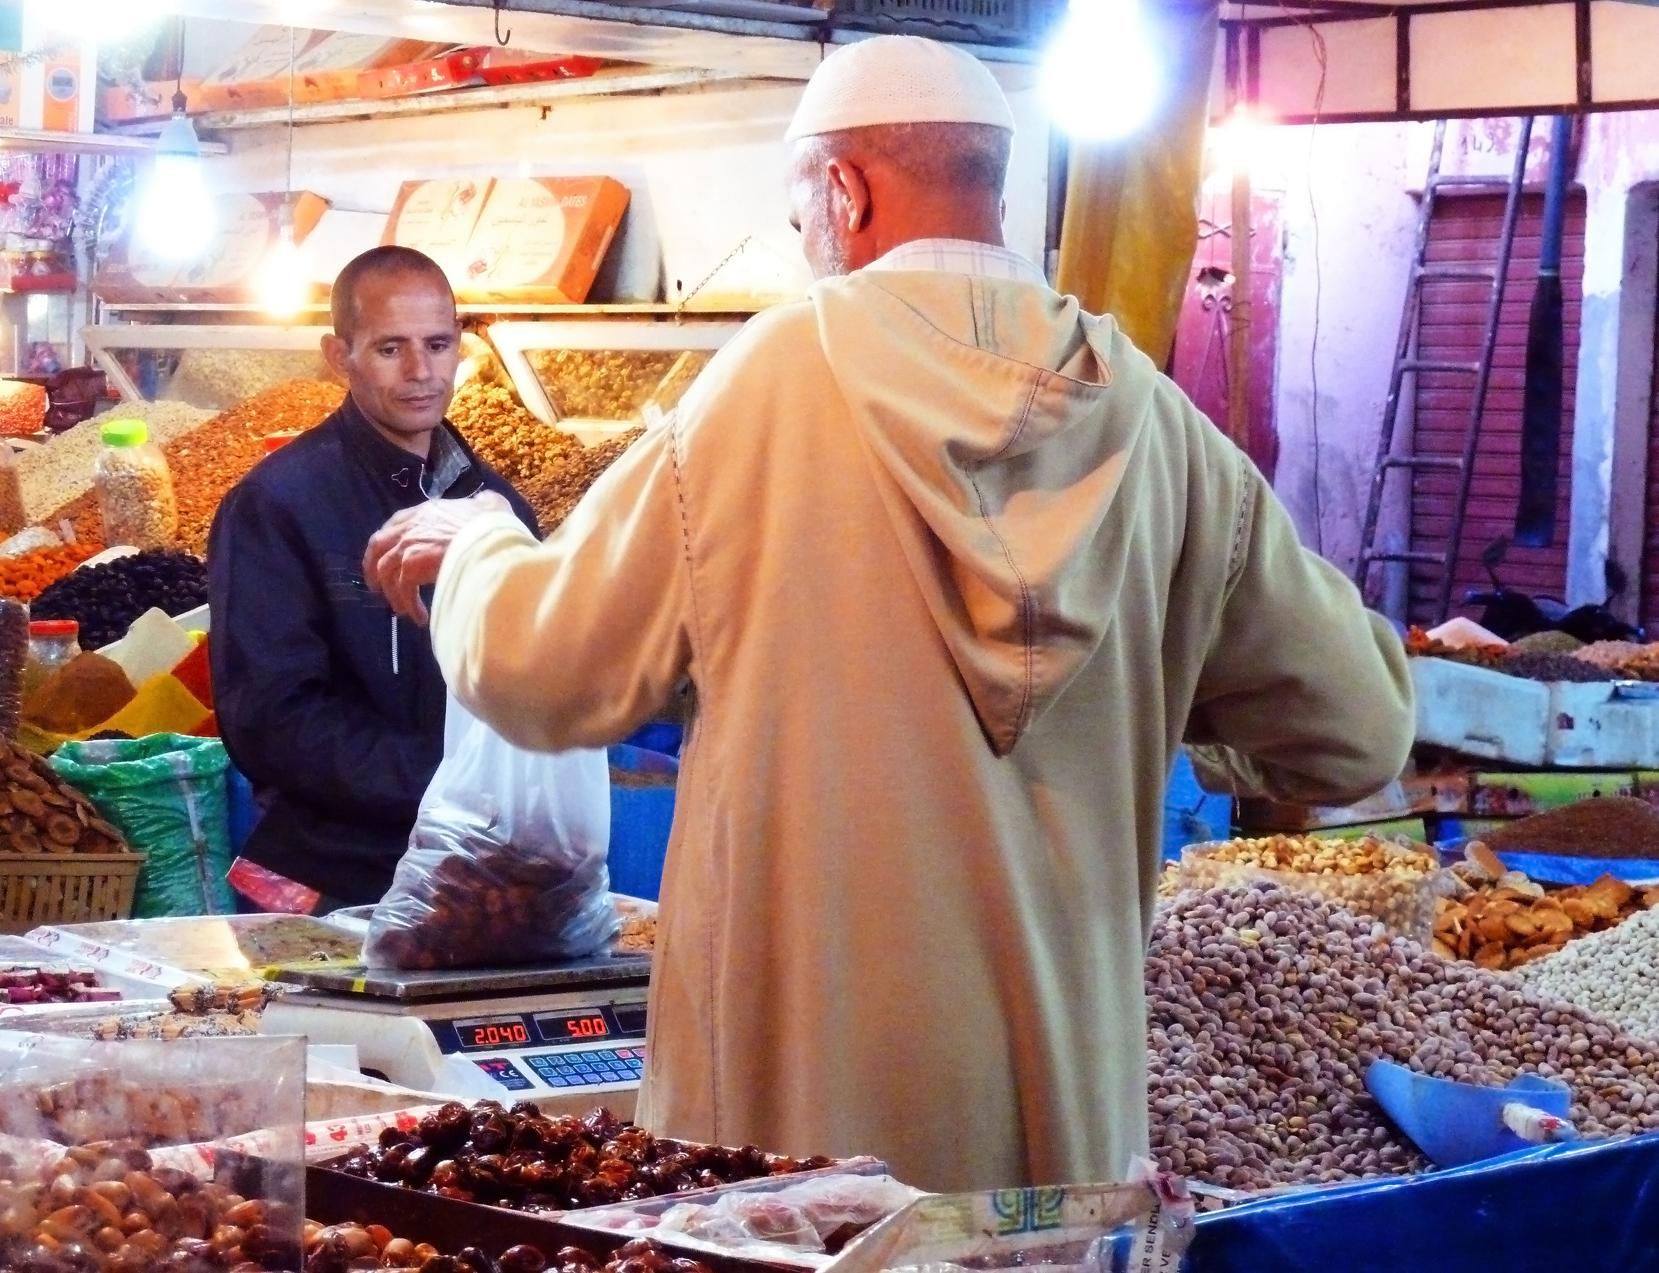 P1110044 Marocco piccola